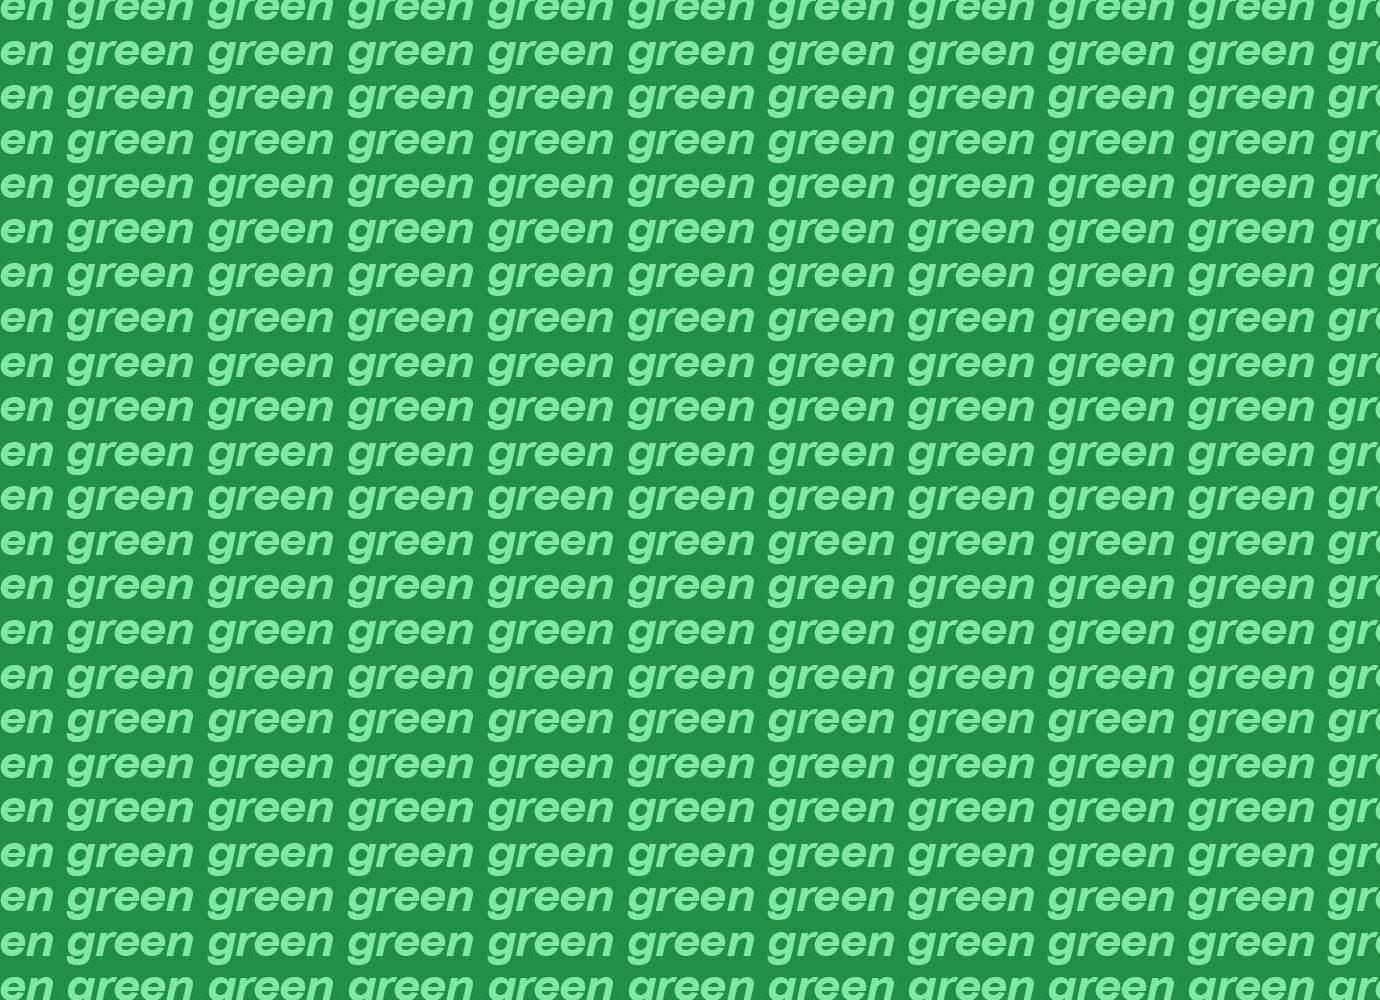 green header